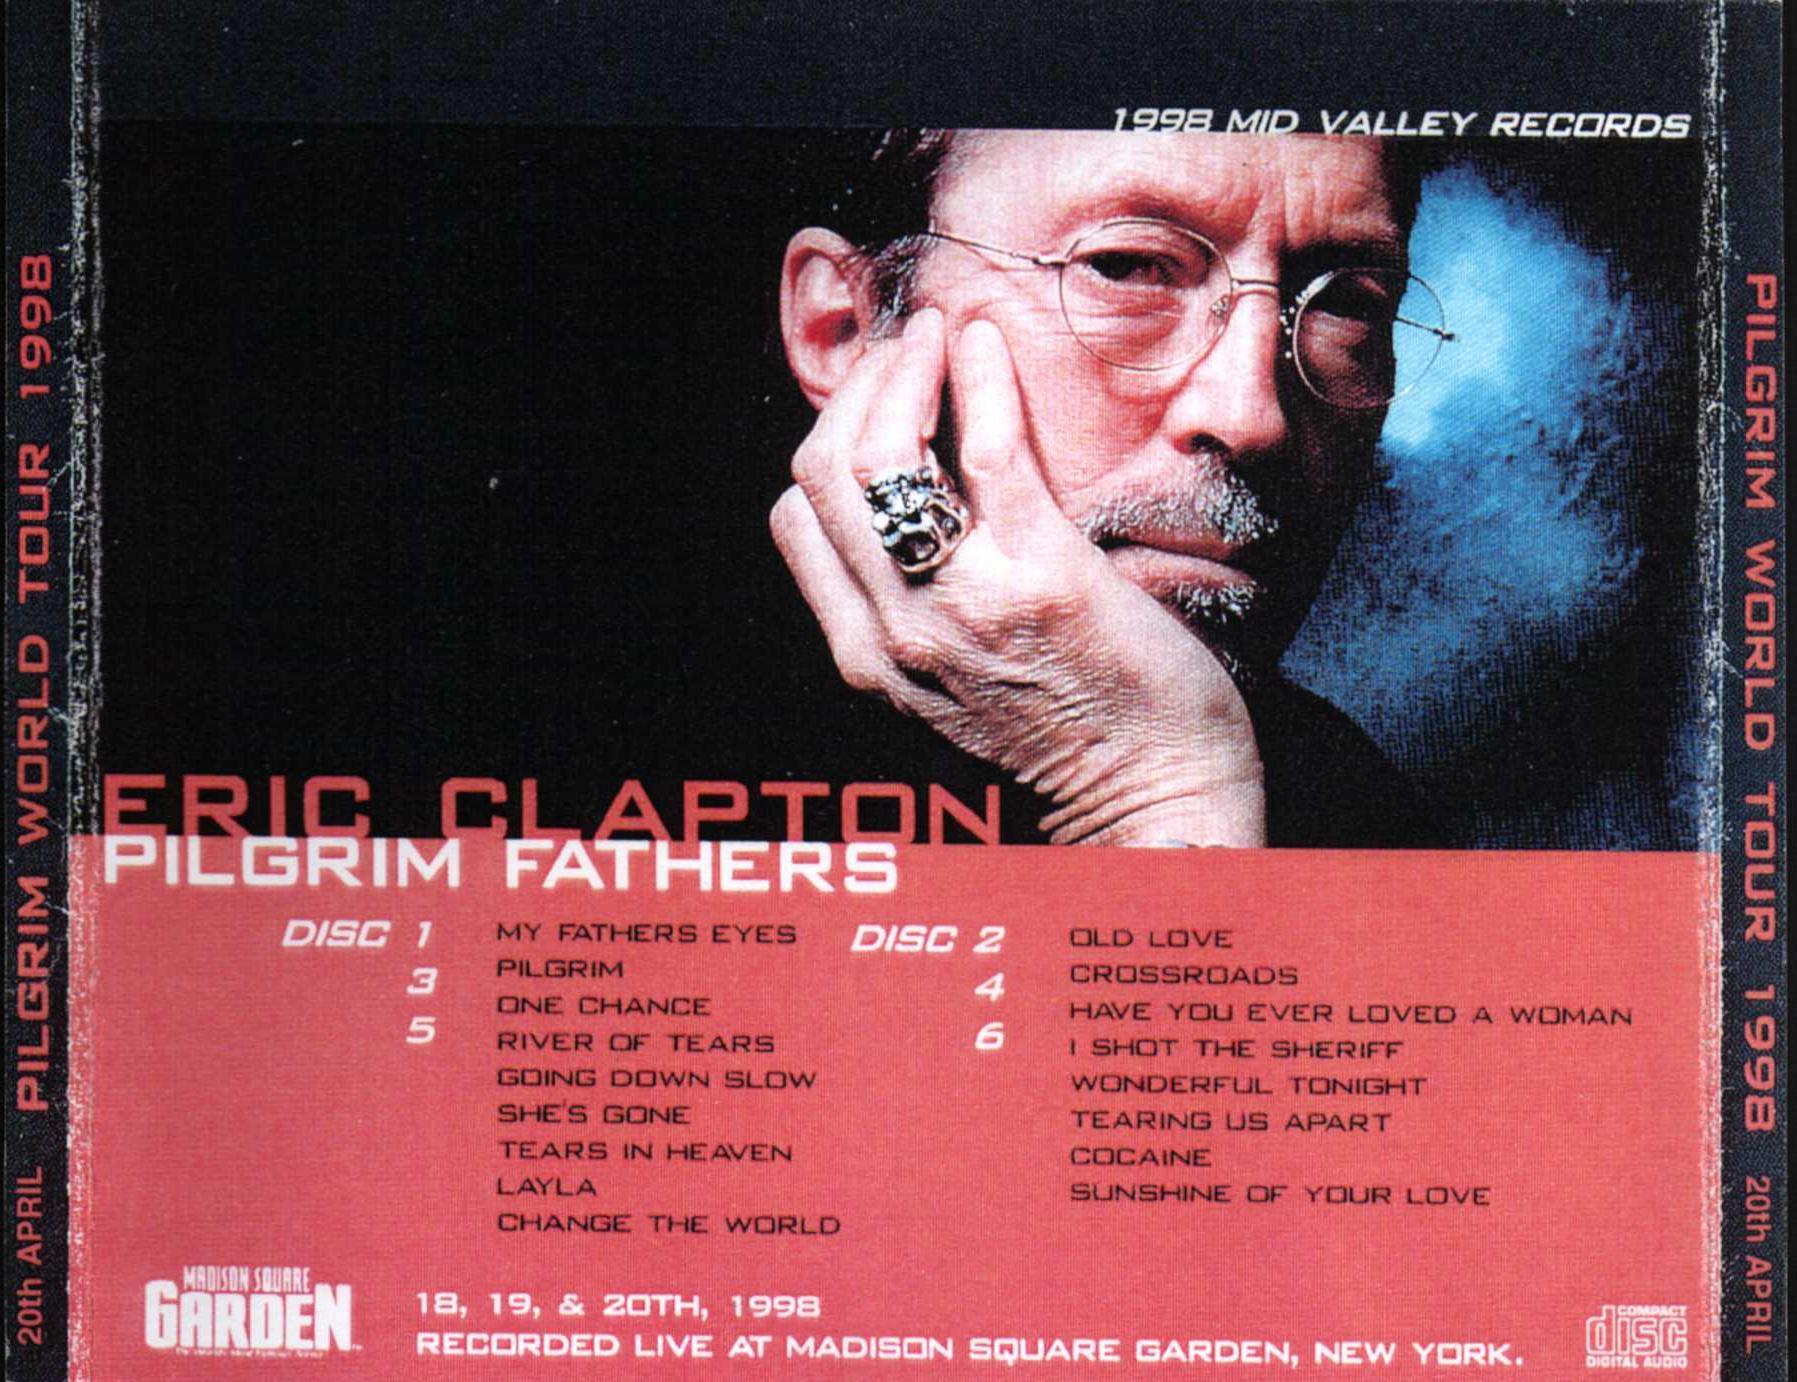 Eric Clapton Pilgrim